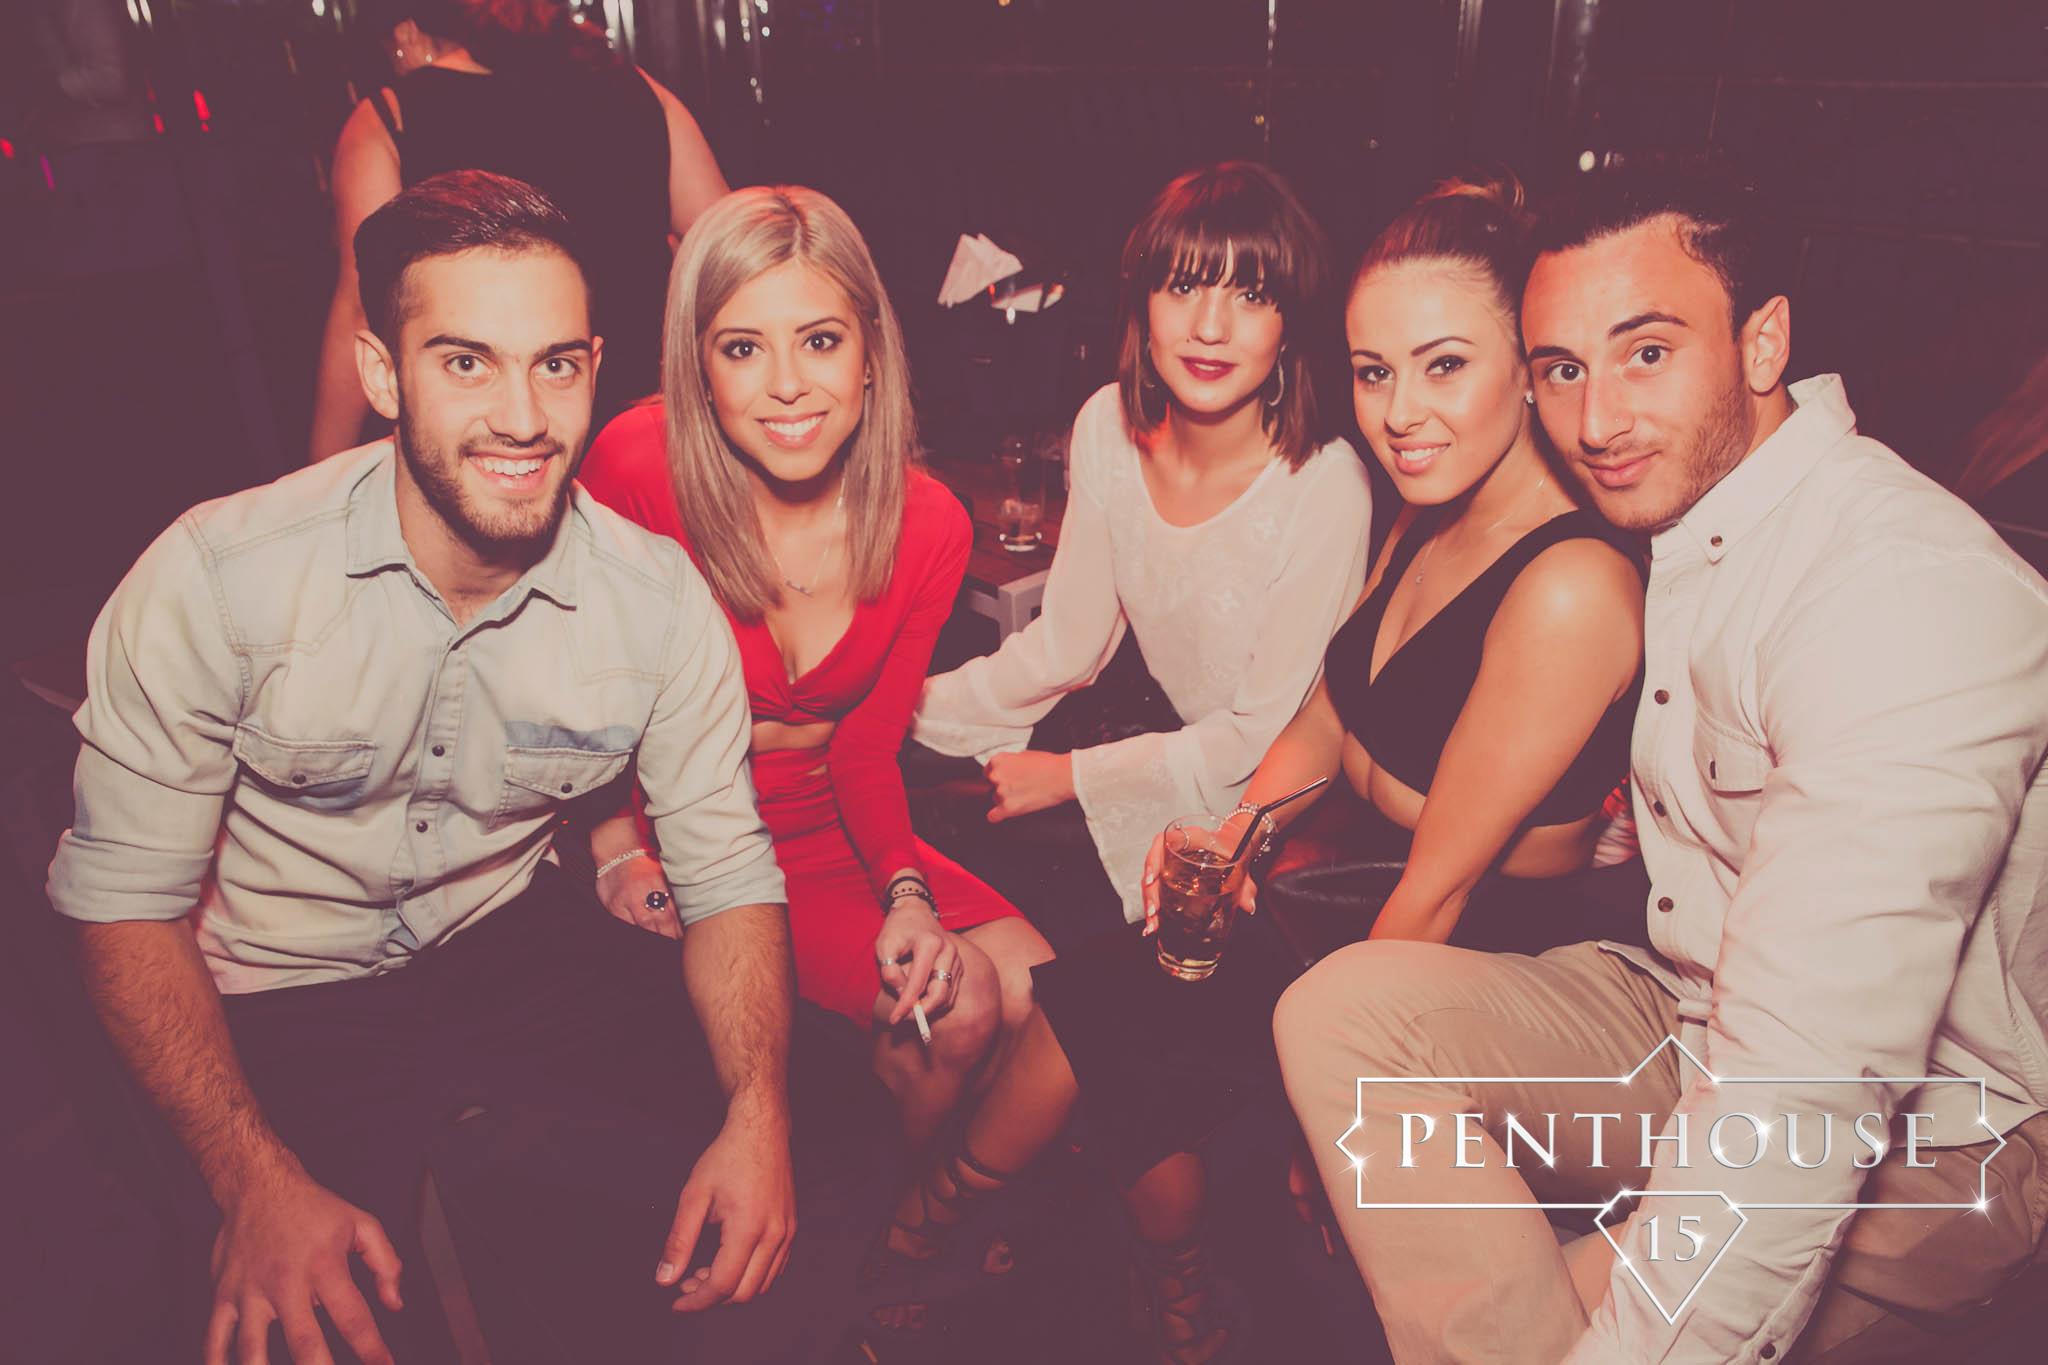 Penthouse_cream_0048.jpg